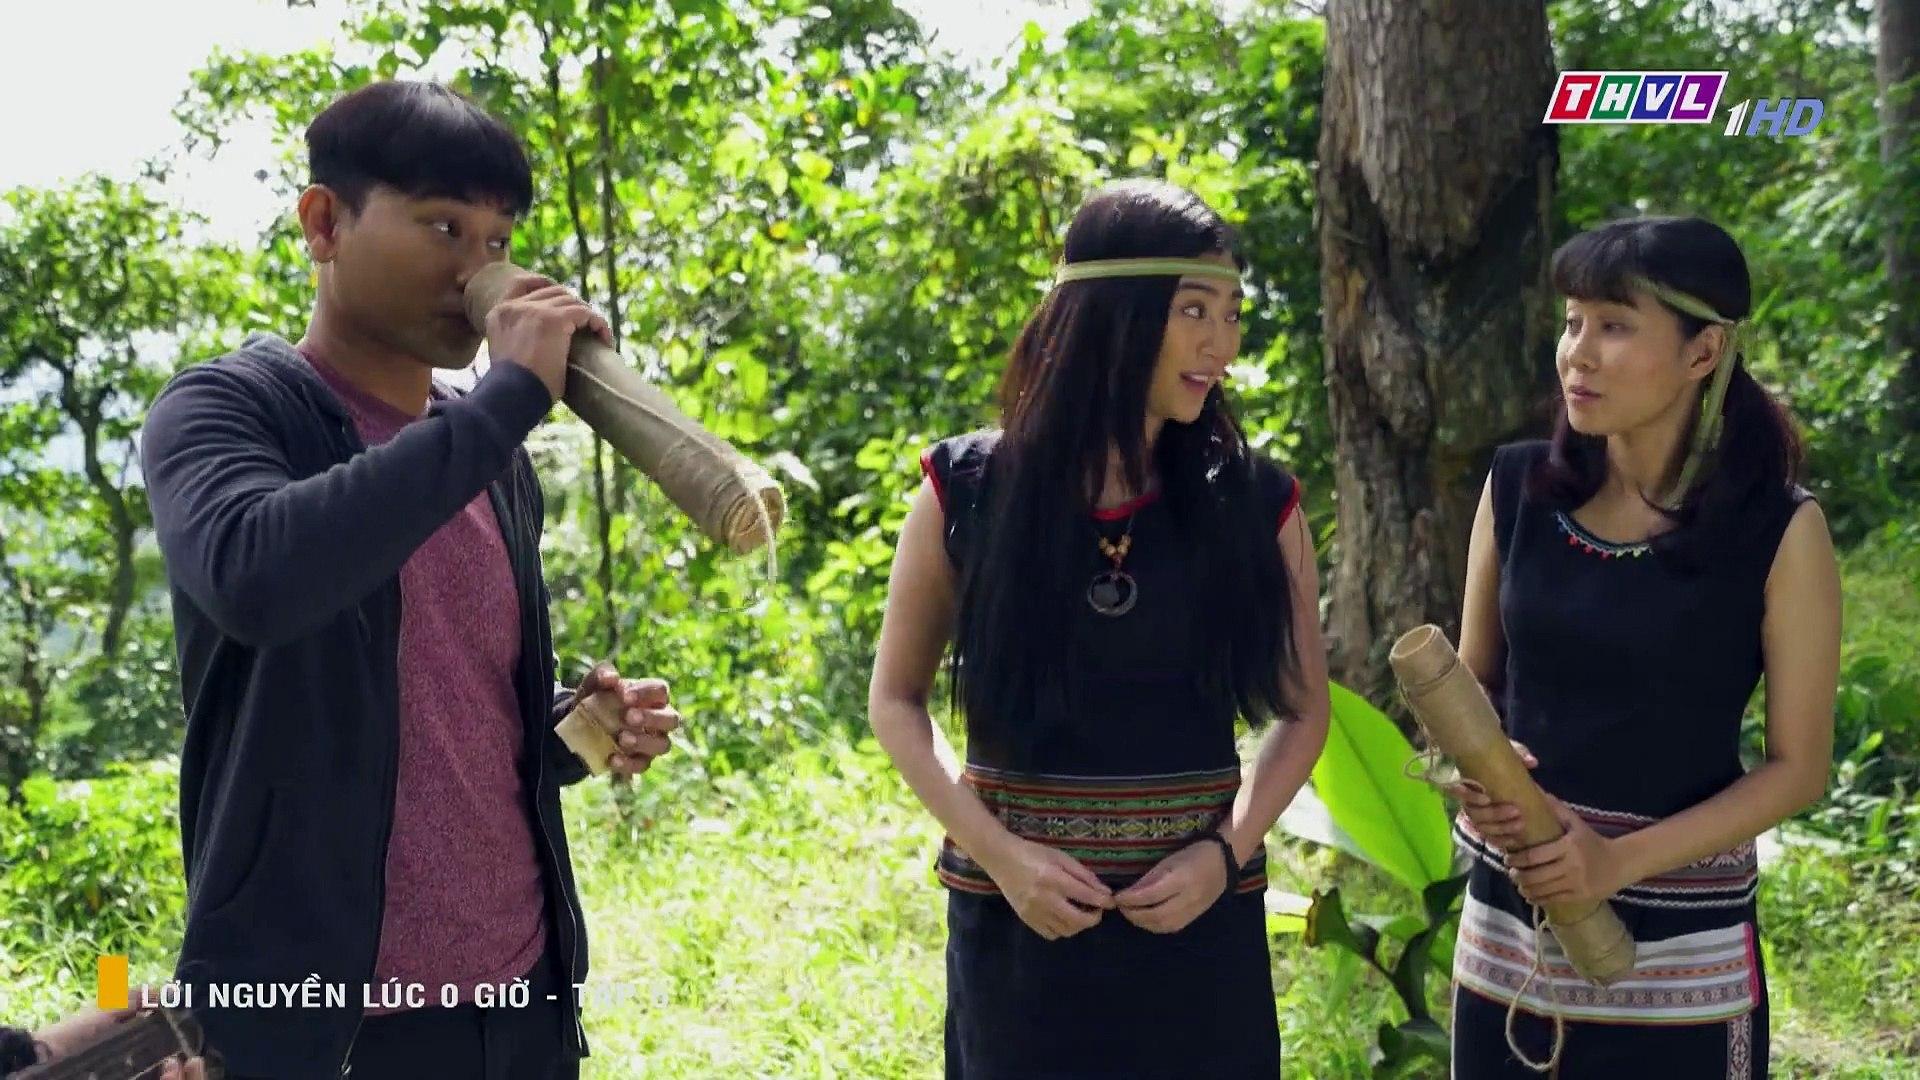 Lời nguyền lúc 0 giờ - Tập 5 FullHD - Phim Việt Nam 21-02-2020